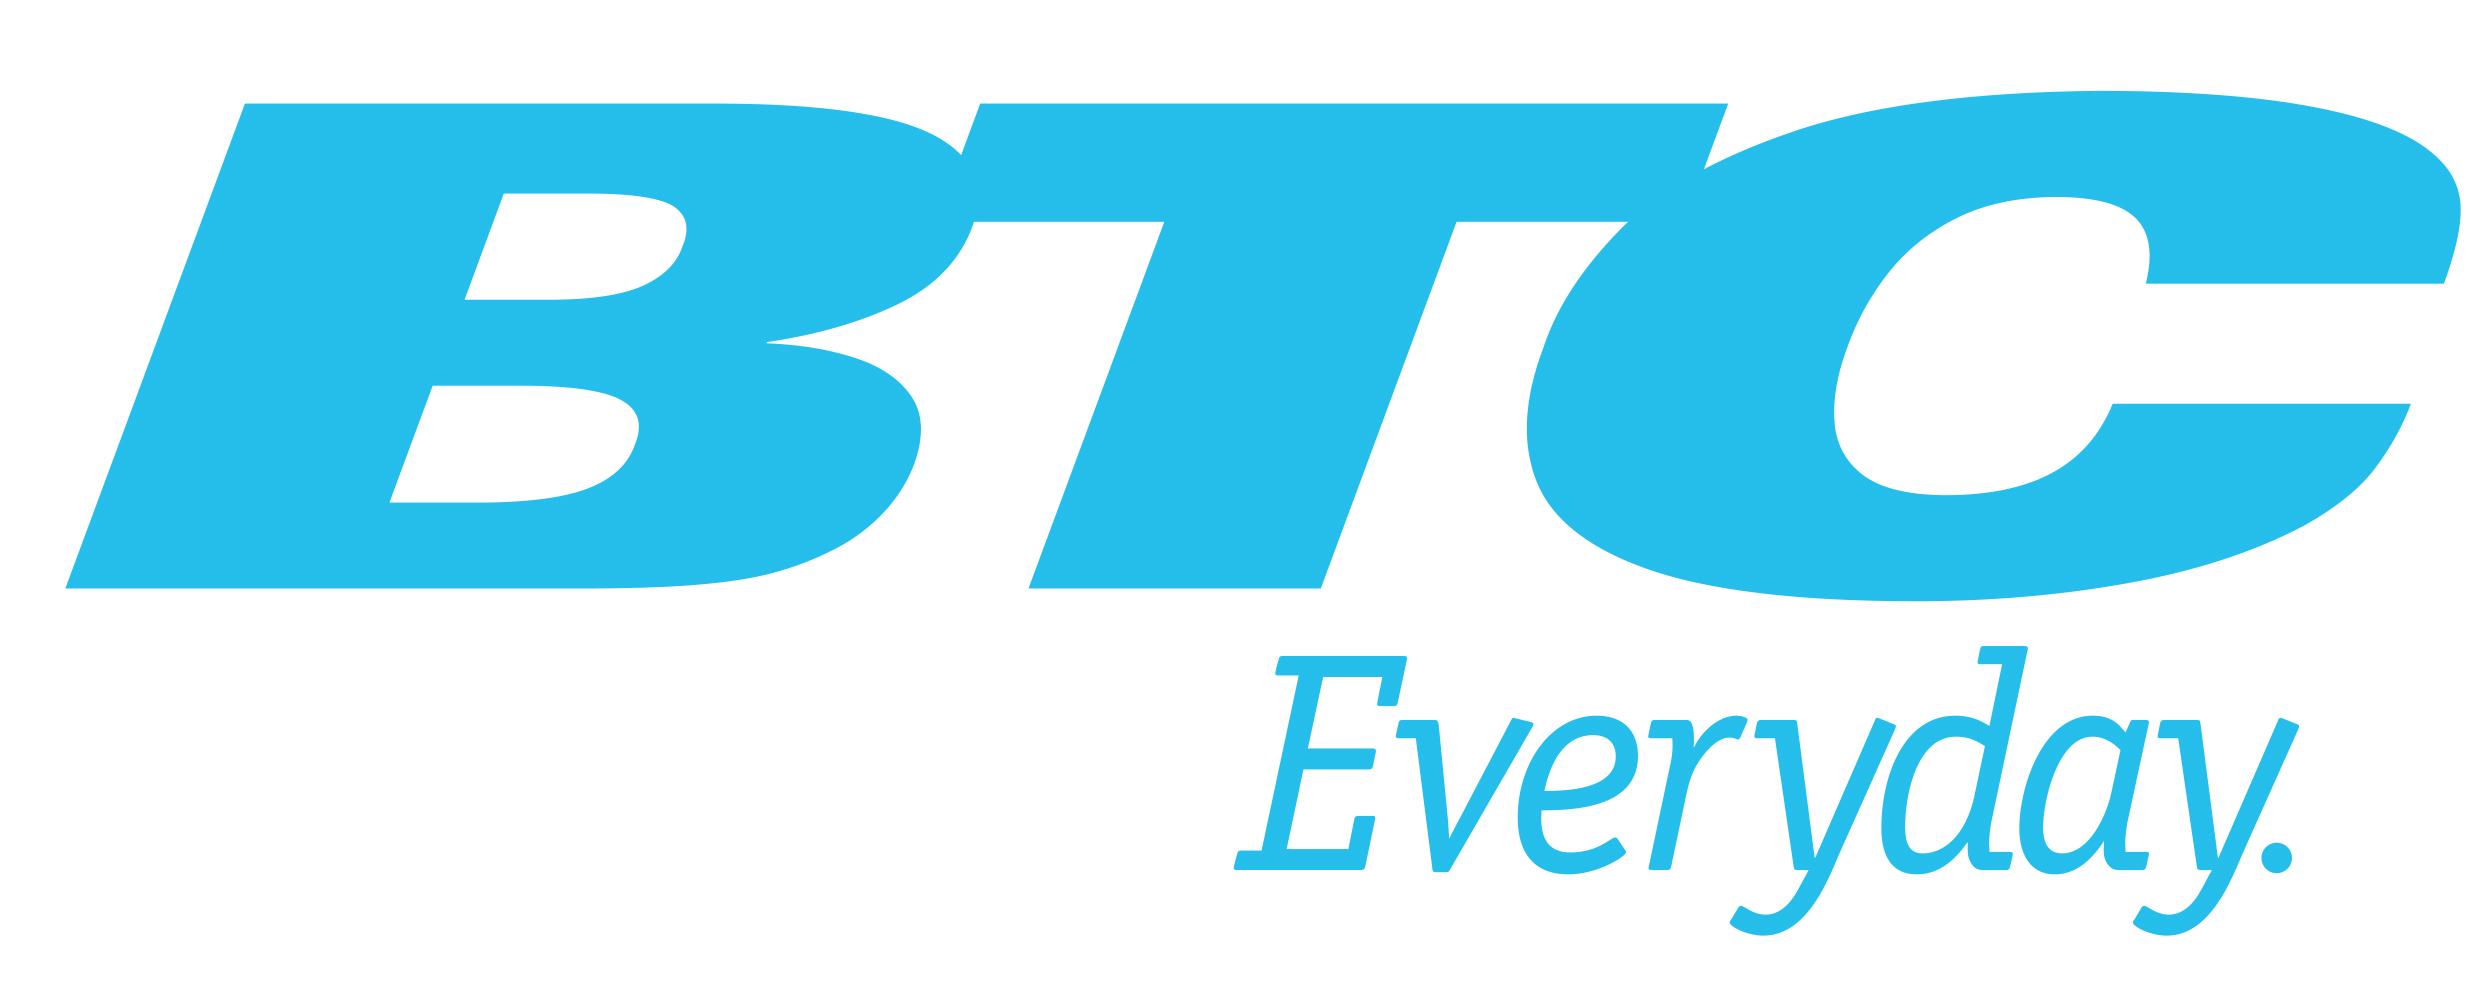 btc bahamas facebook